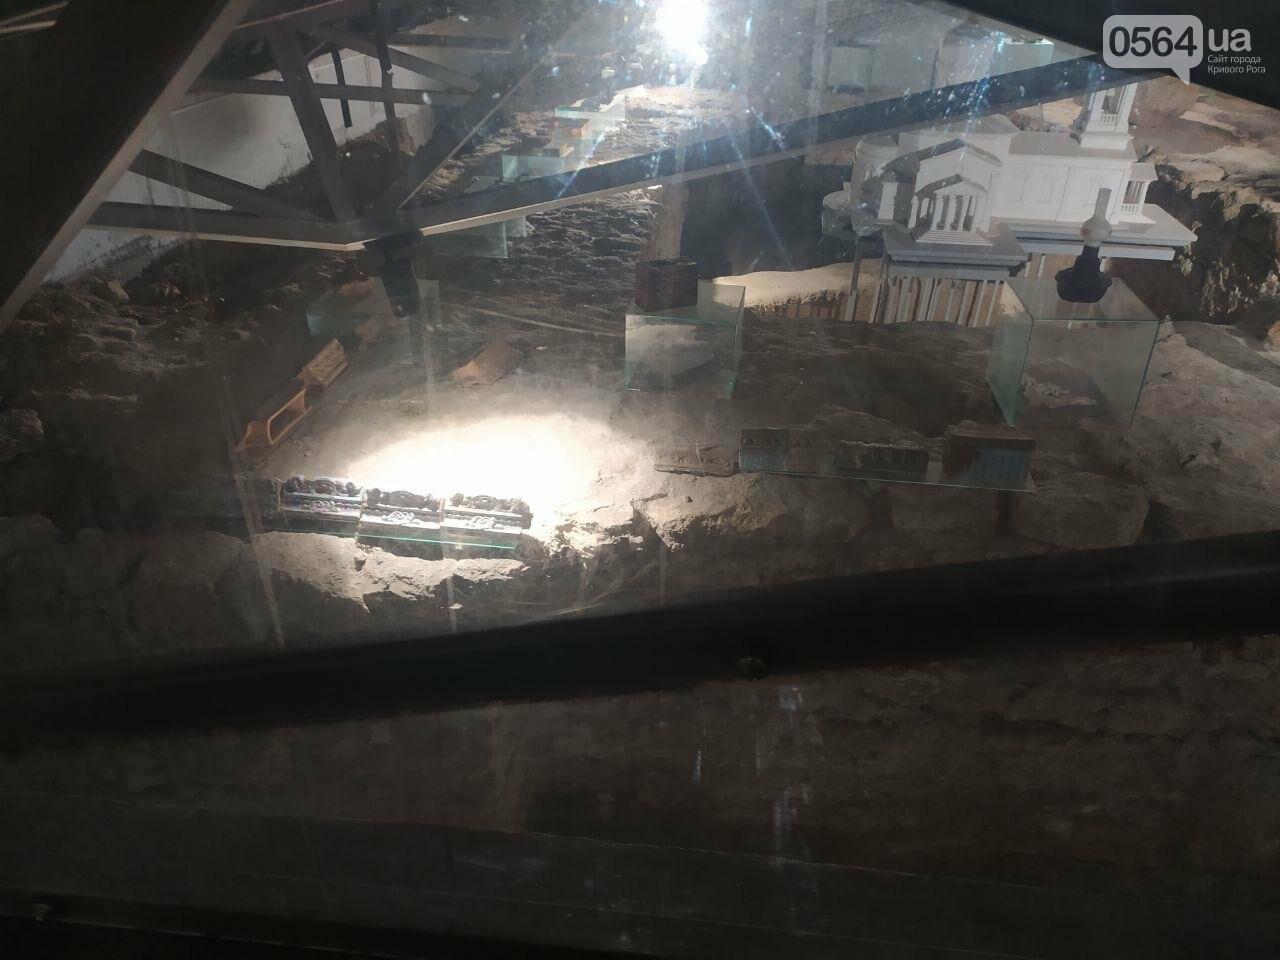 Информация о краже из музейной экспозиции в Кривом Роге в полицию не поступала. Правоохранители начали проверку, - ФОТО, фото-5